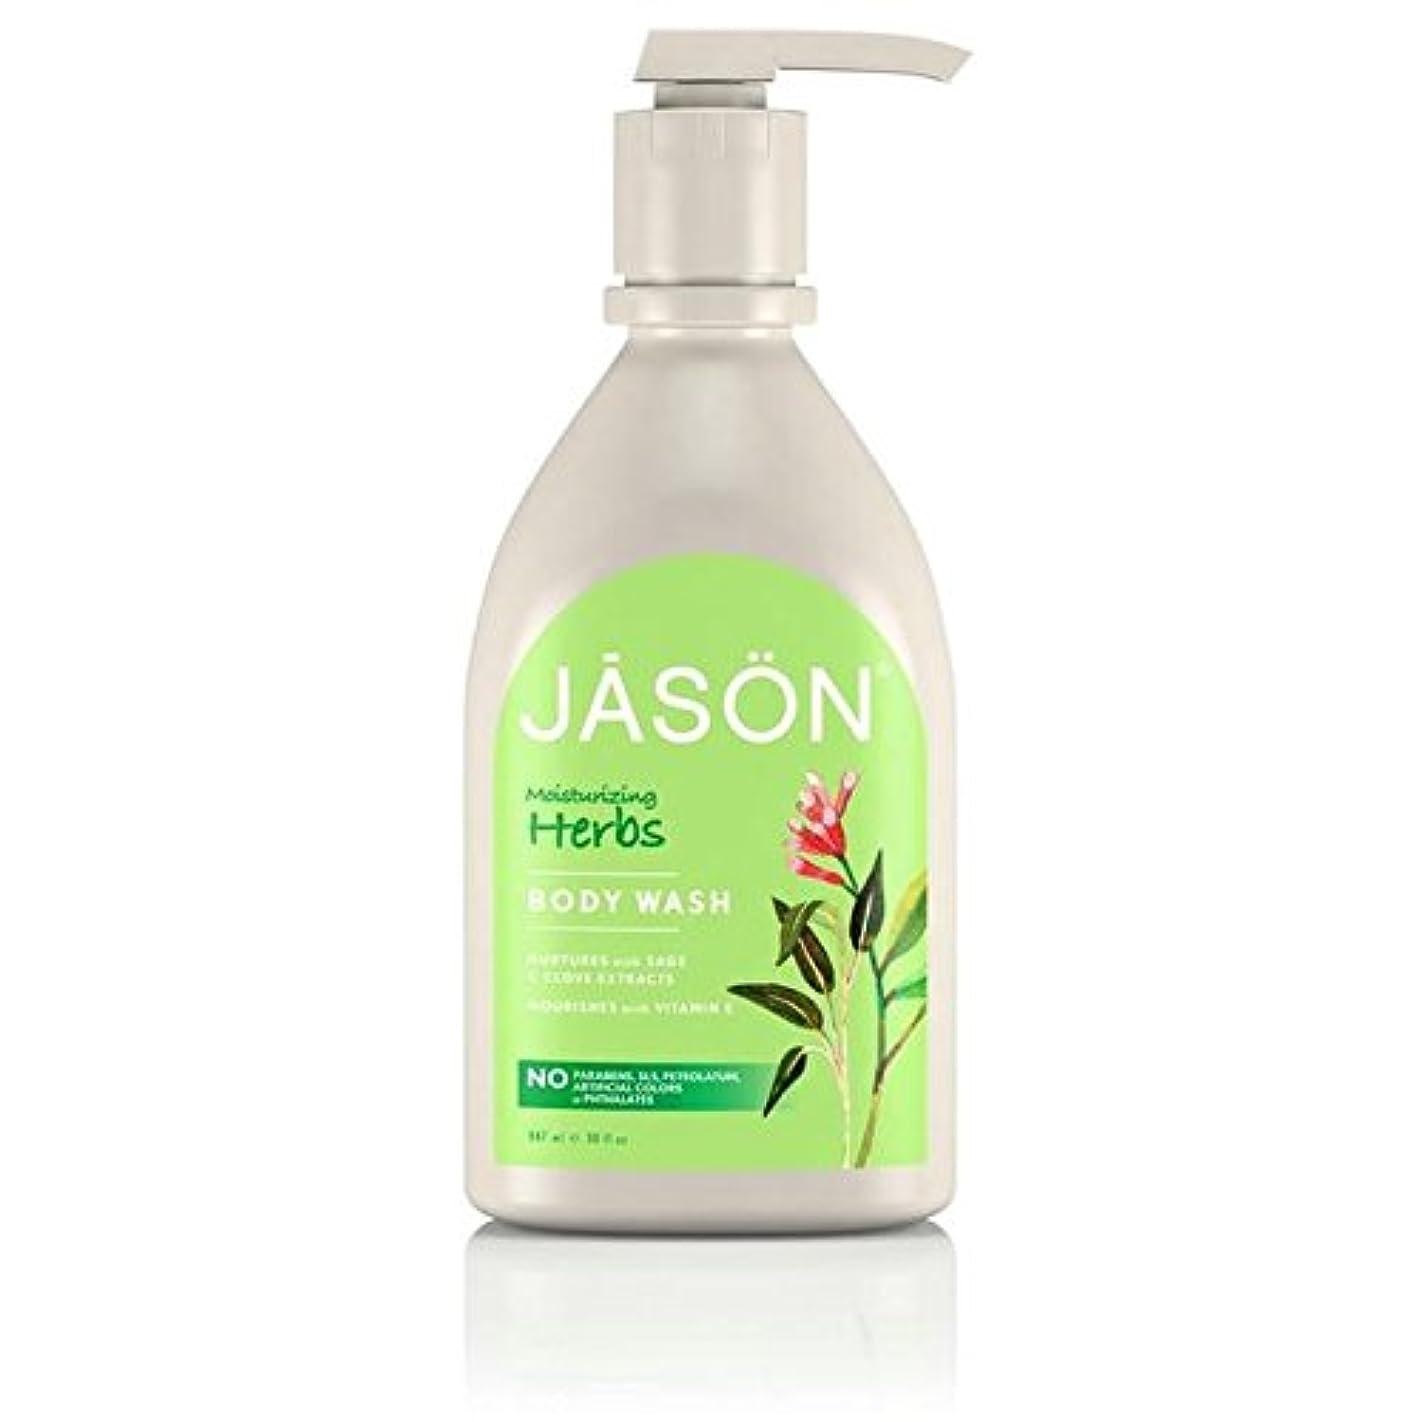 滑るゆりかご従来のJason Herbal Satin Body Wash Pump 900ml - ジェイソン?ハーブサテンボディウォッシュポンプ900ミリリットル [並行輸入品]